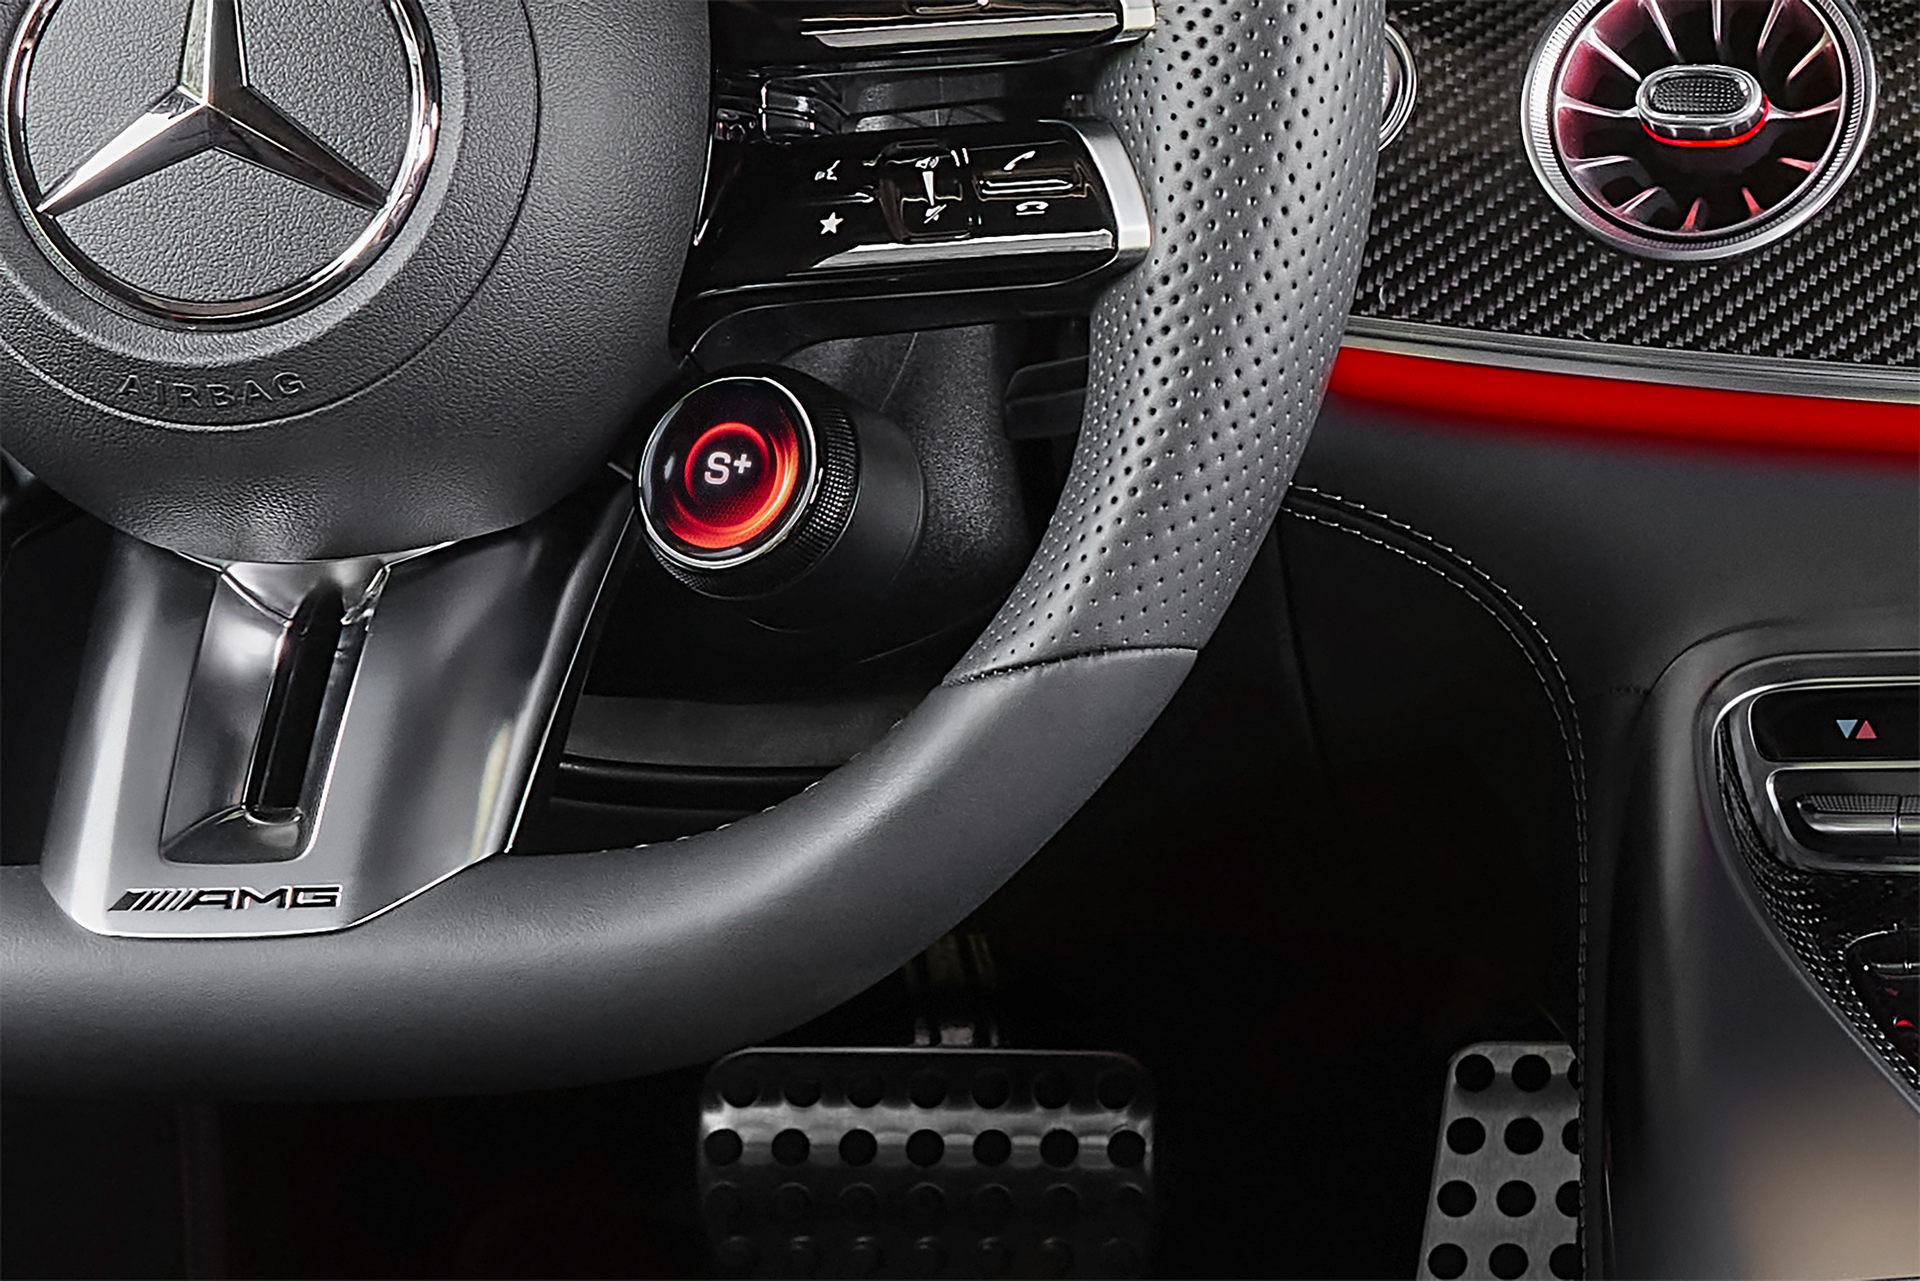 843马力2.9秒破百,奔驰AMG GT 63 E S Performance官图发布